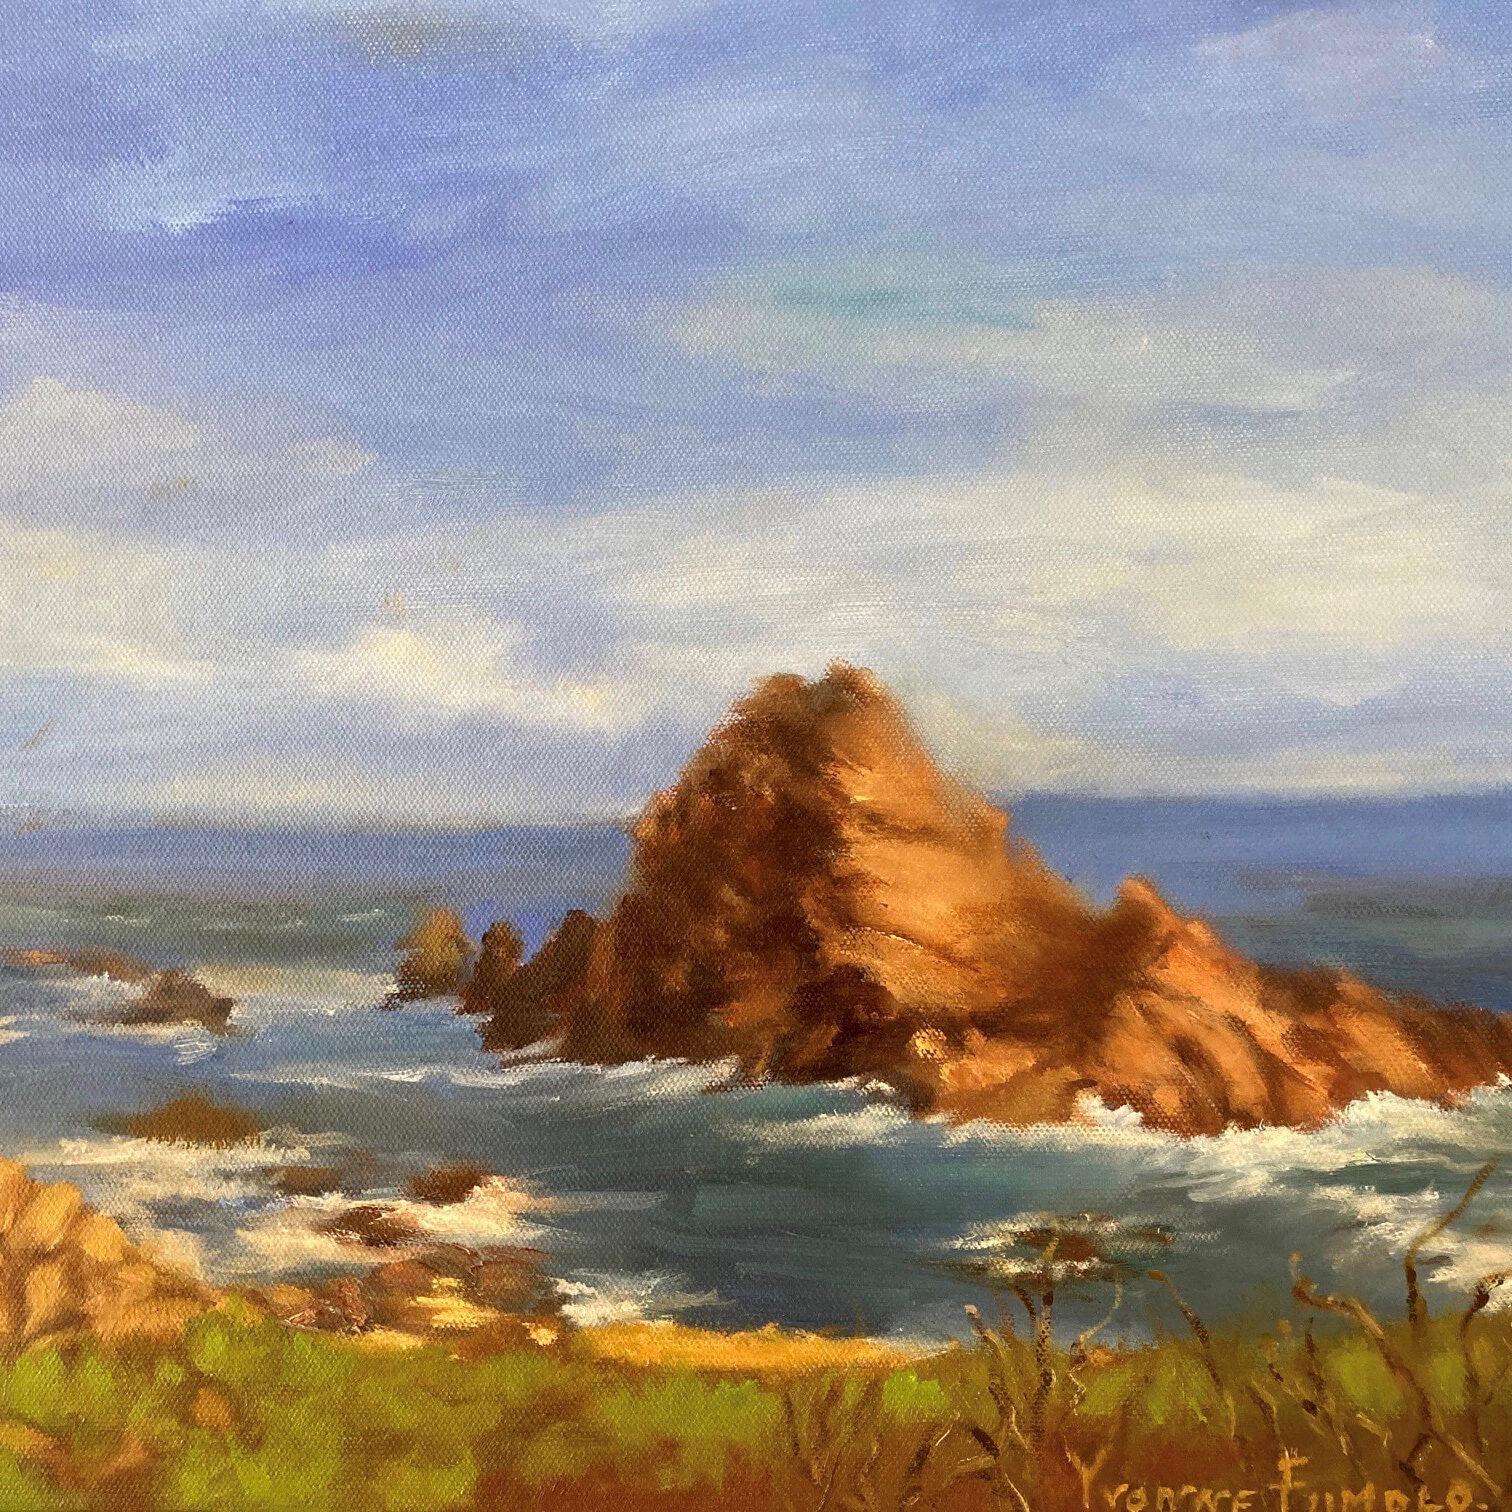 Yvonne F_Sugarloaf Rock, Yallingup W.A.